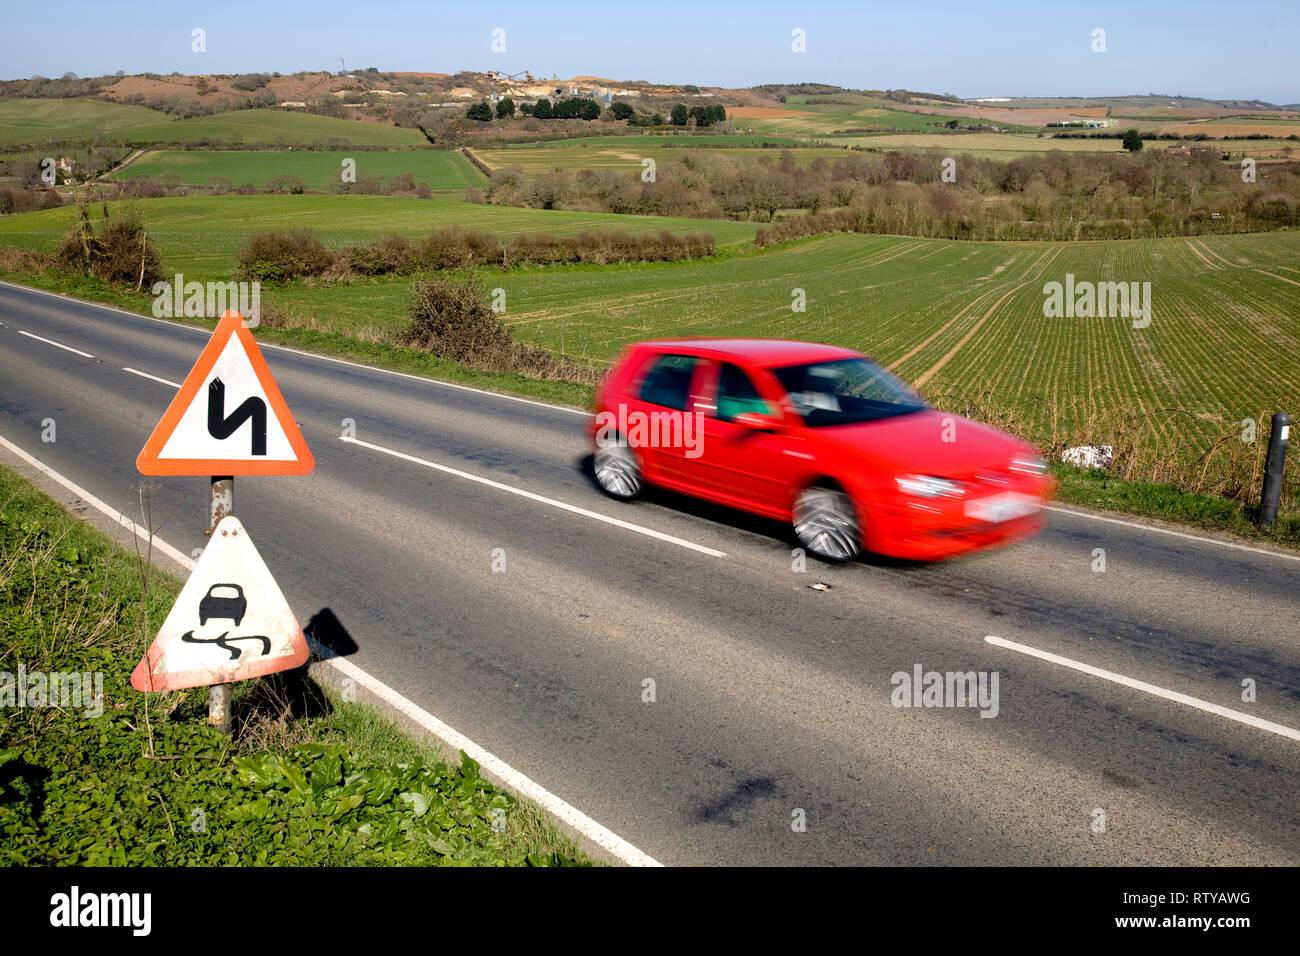 La circulation, la signalisation routière, le marquage routier, UN3020, Blackwater > Rookely > Godshill, île de Wight, Angleterre, Royaume-Uni, un Photo Stock